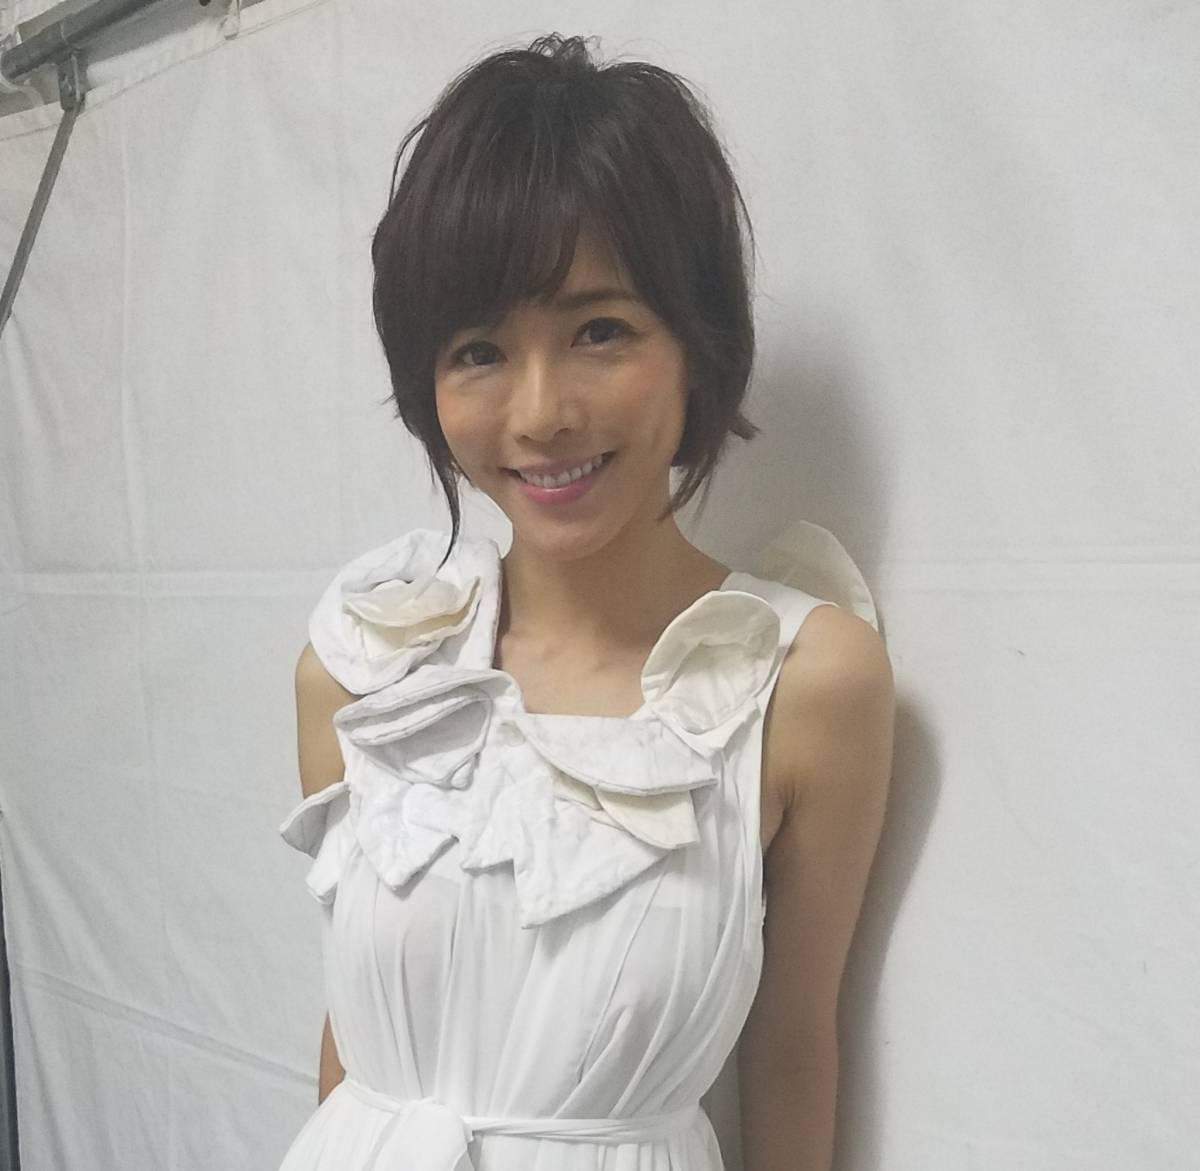 [チャリティ]釈由美子さん、サイン入りSOH公式Tシャツ(M) rfp1118_画像2